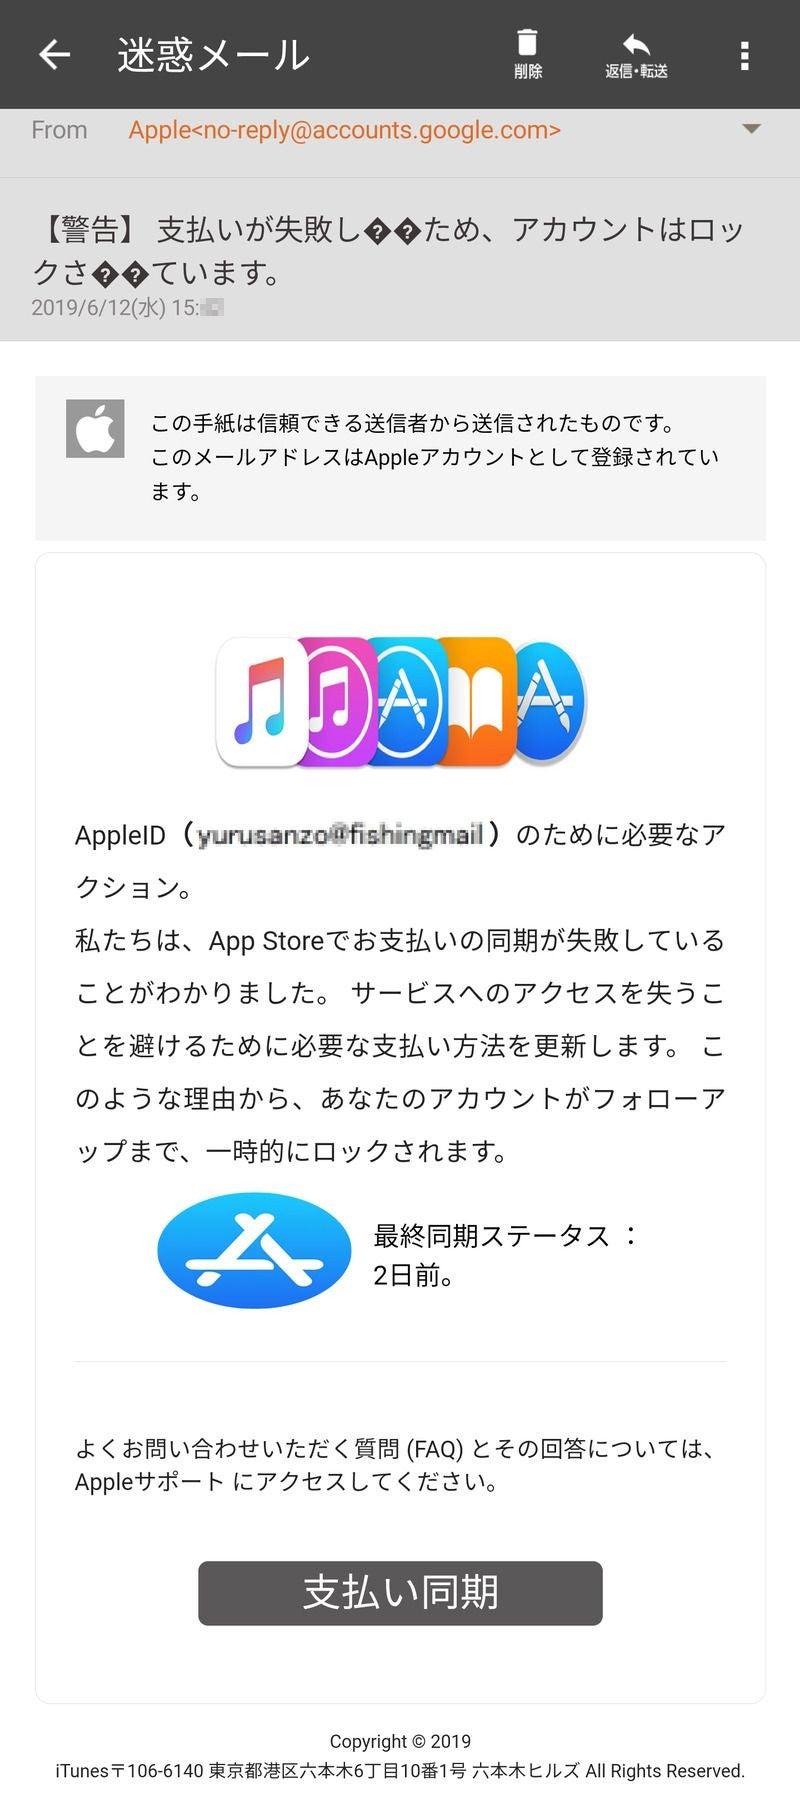 方法 apple store 支払い